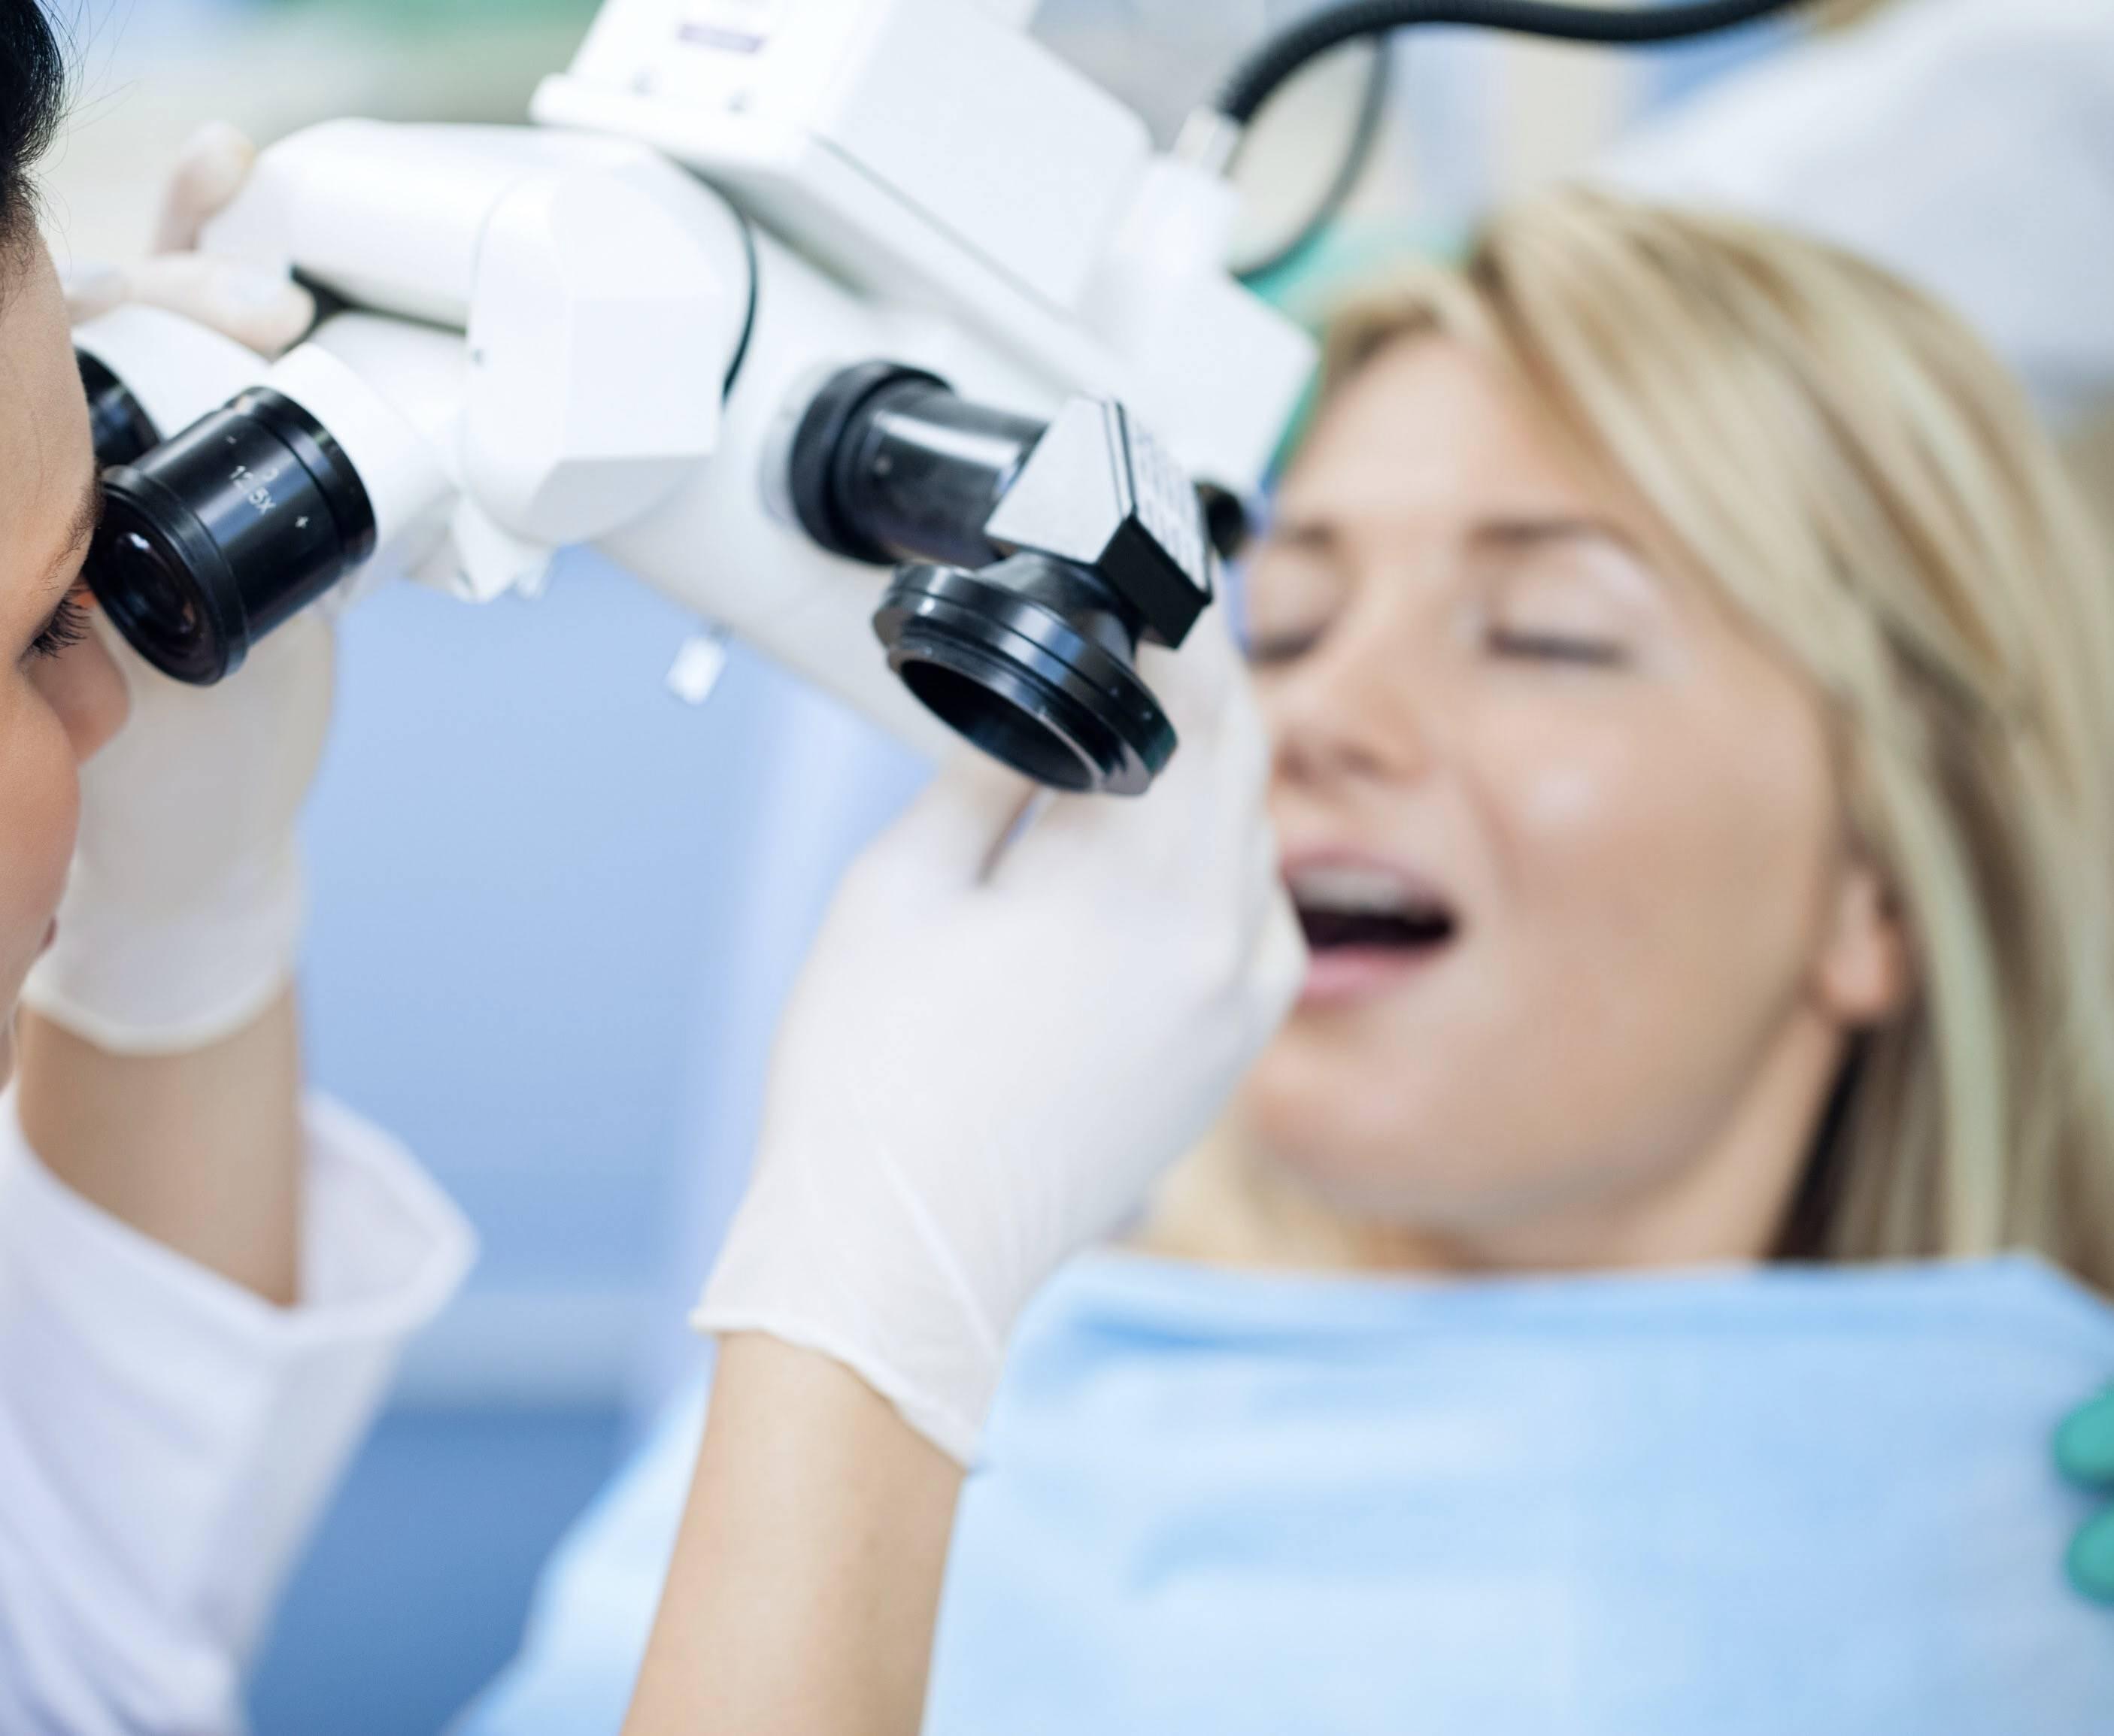 Как начать работать с микроскопом врачу-стоматологу. общие рекомендации